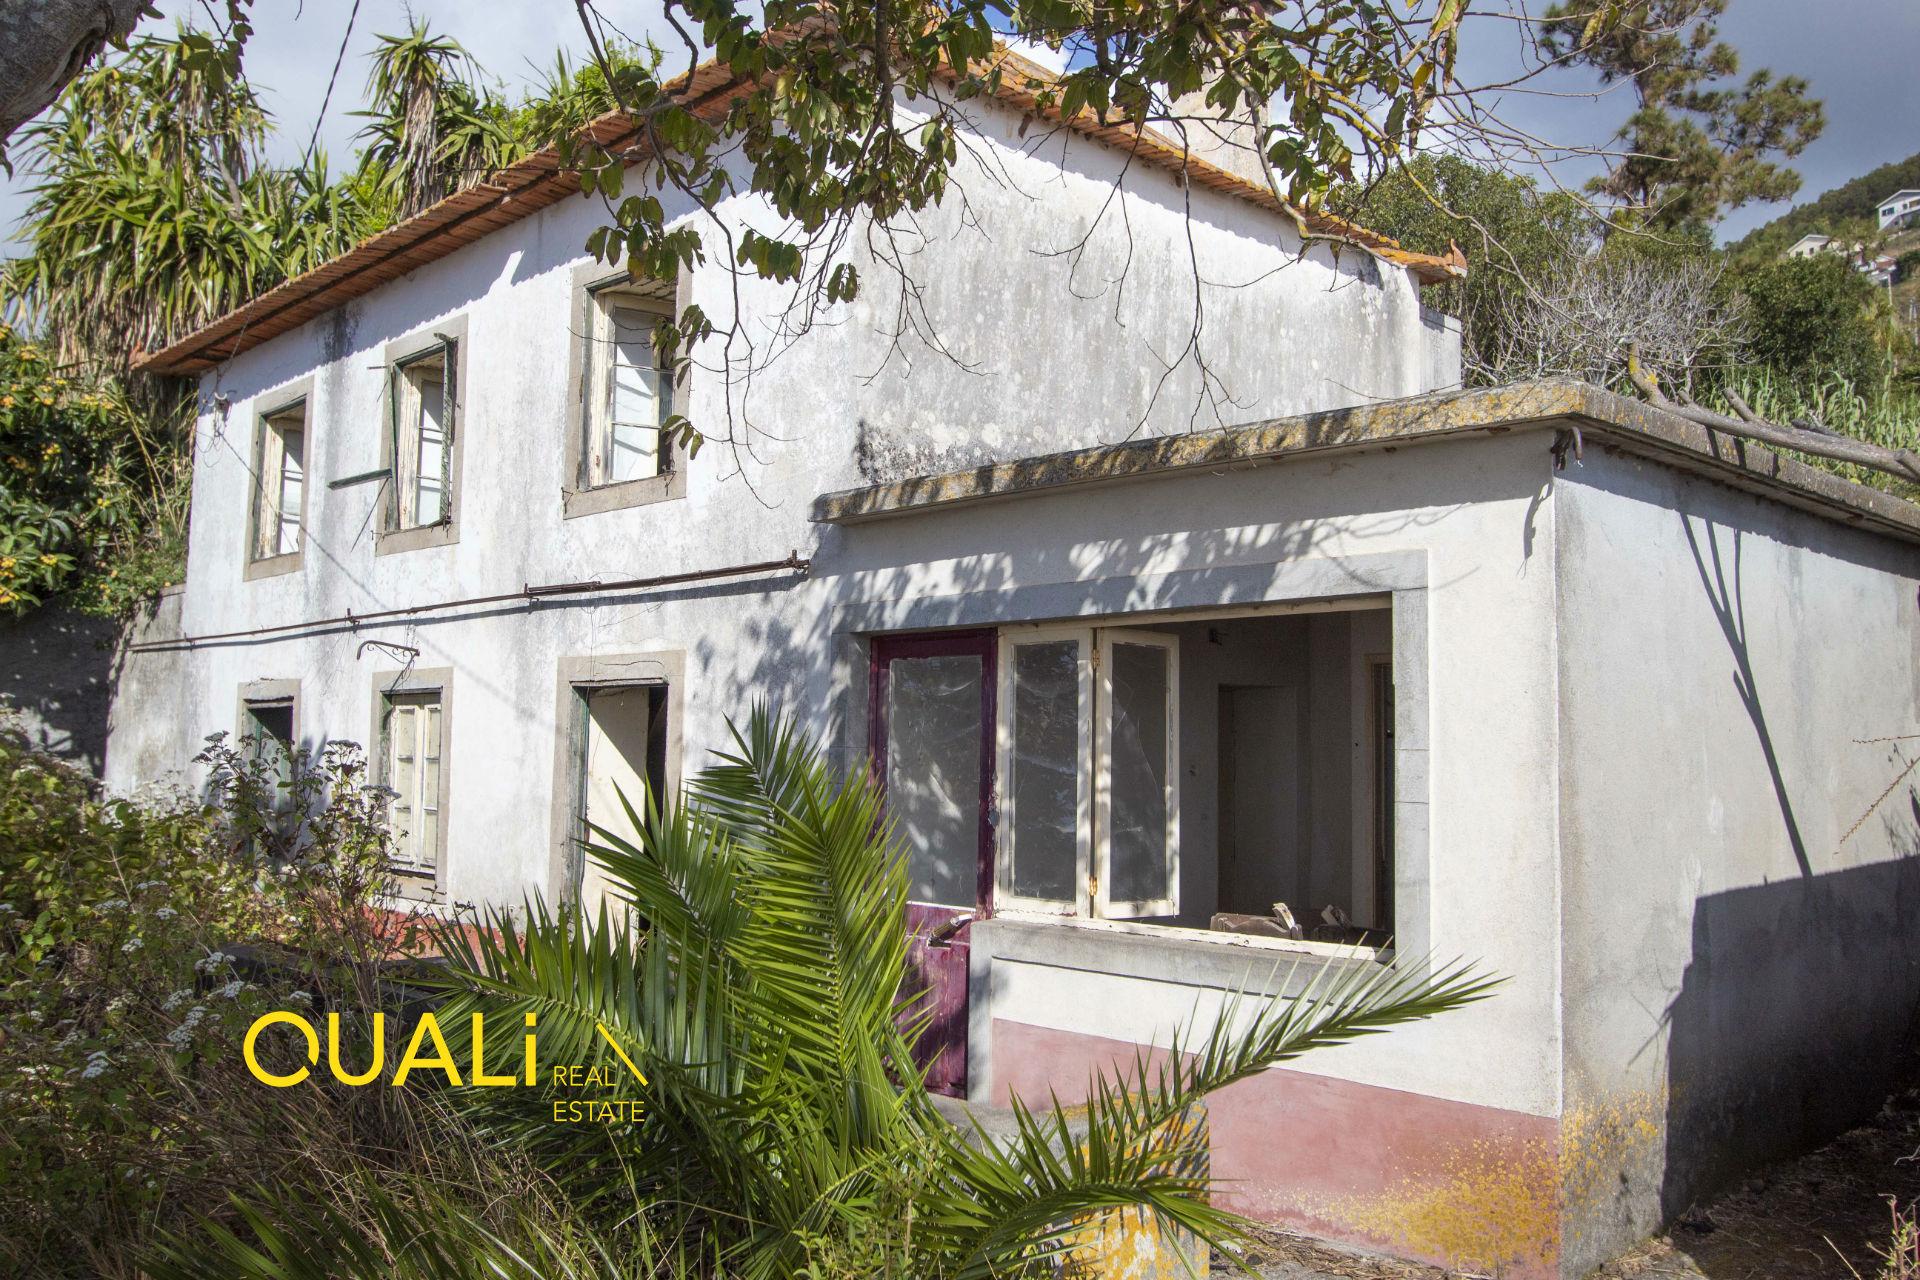 Casa 3 camere da letto, Ristrutturazione - Isola di Madeira ...